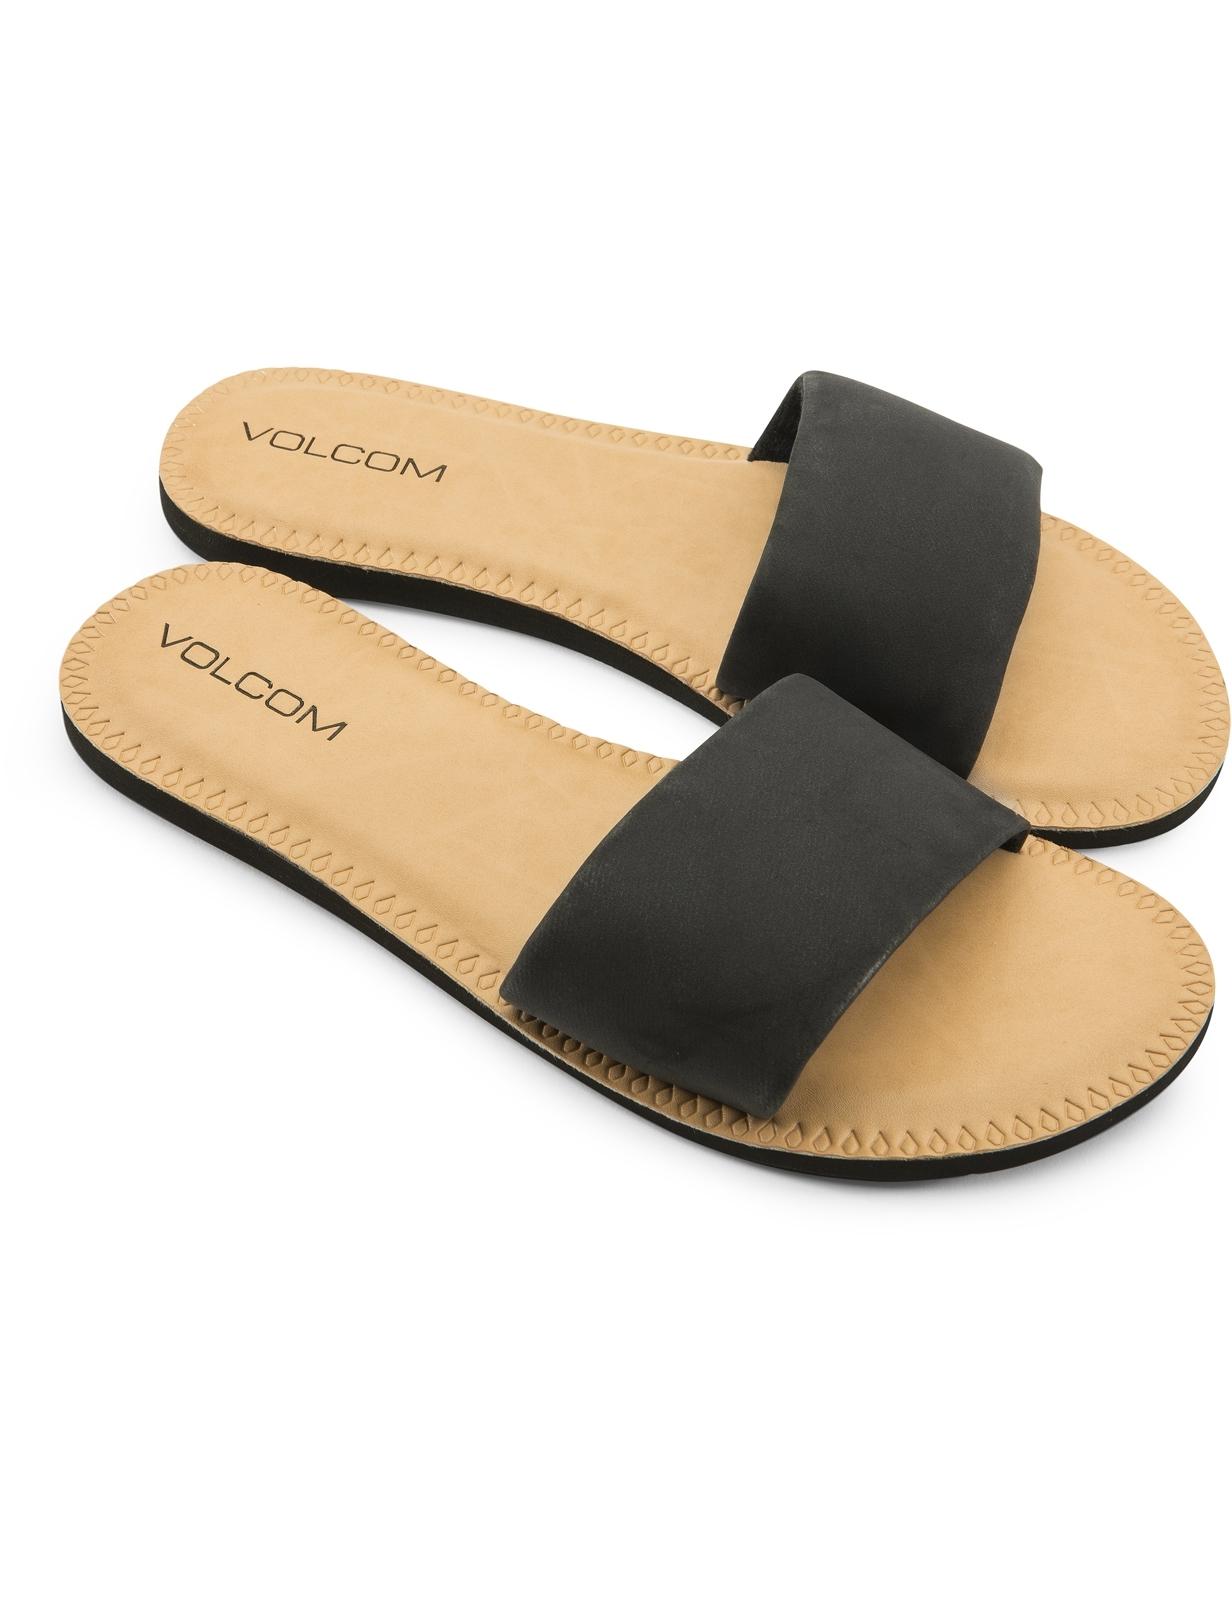 97e11ca0dcf Volcom Simple Slide Flip Flops in Black